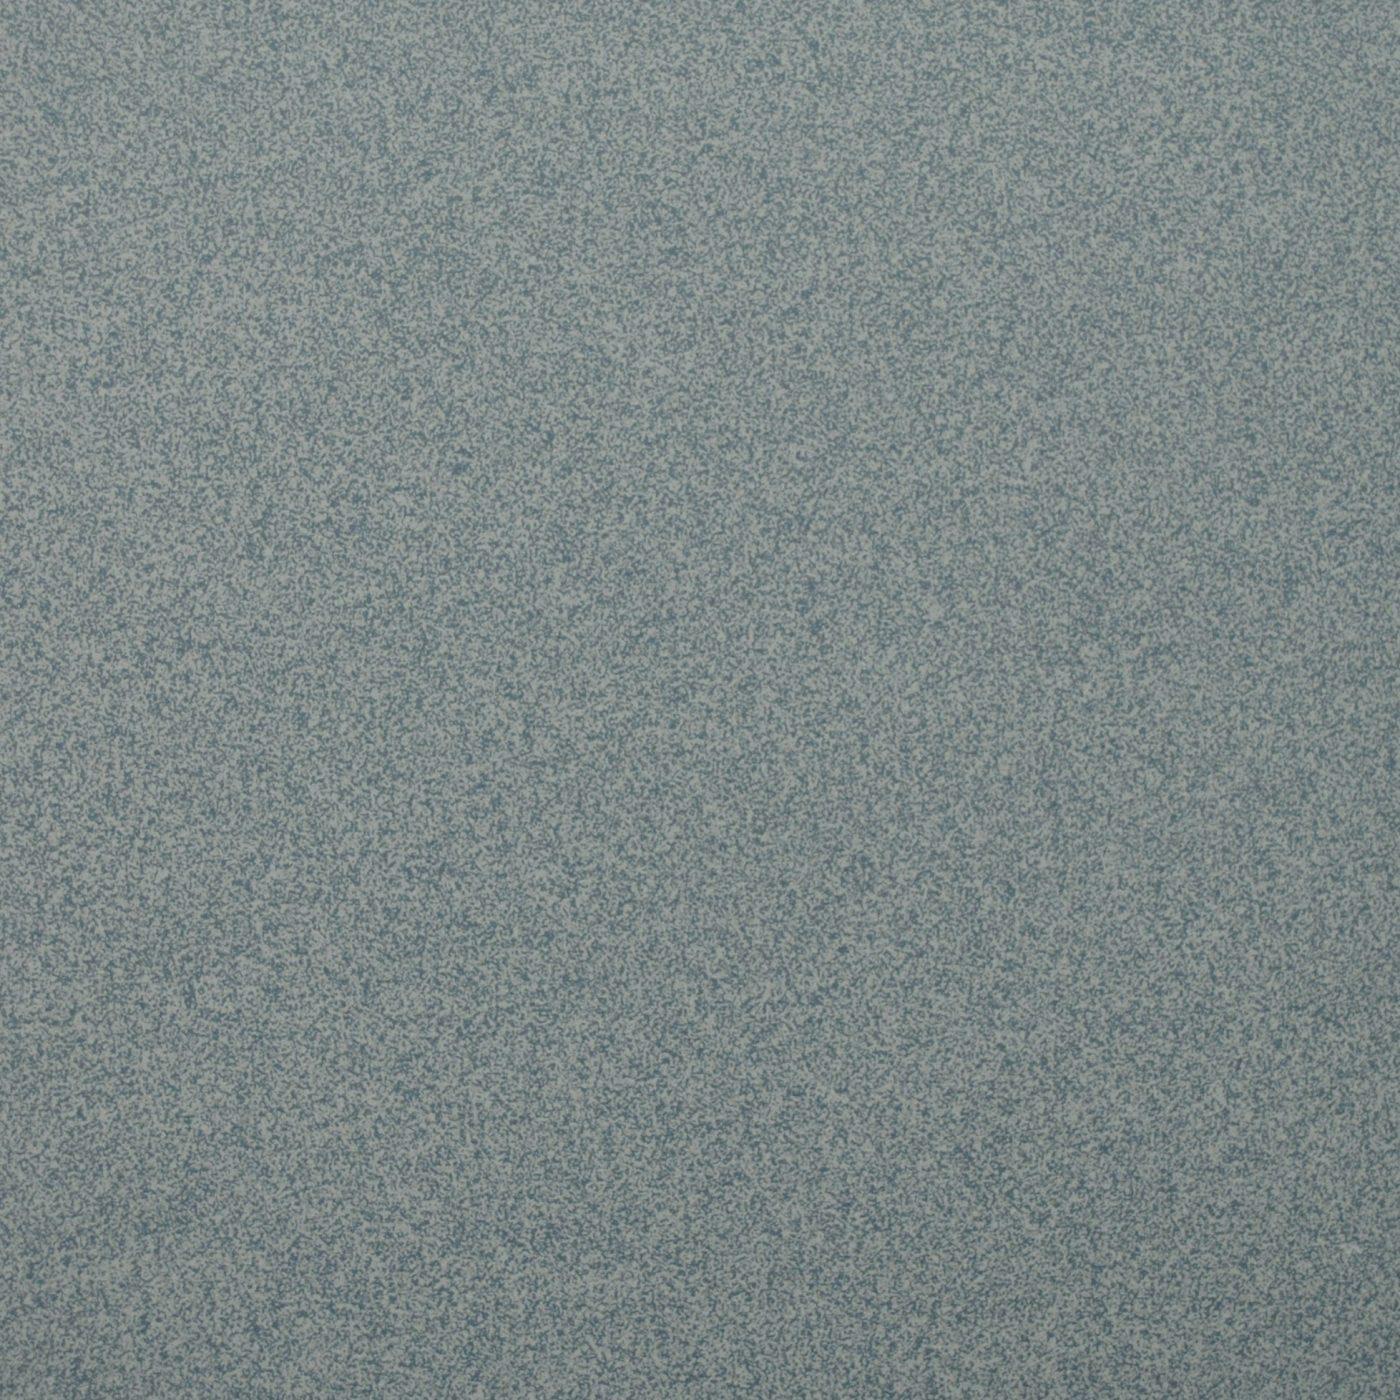 maxi floor 30x30 fliesen igel. Black Bedroom Furniture Sets. Home Design Ideas